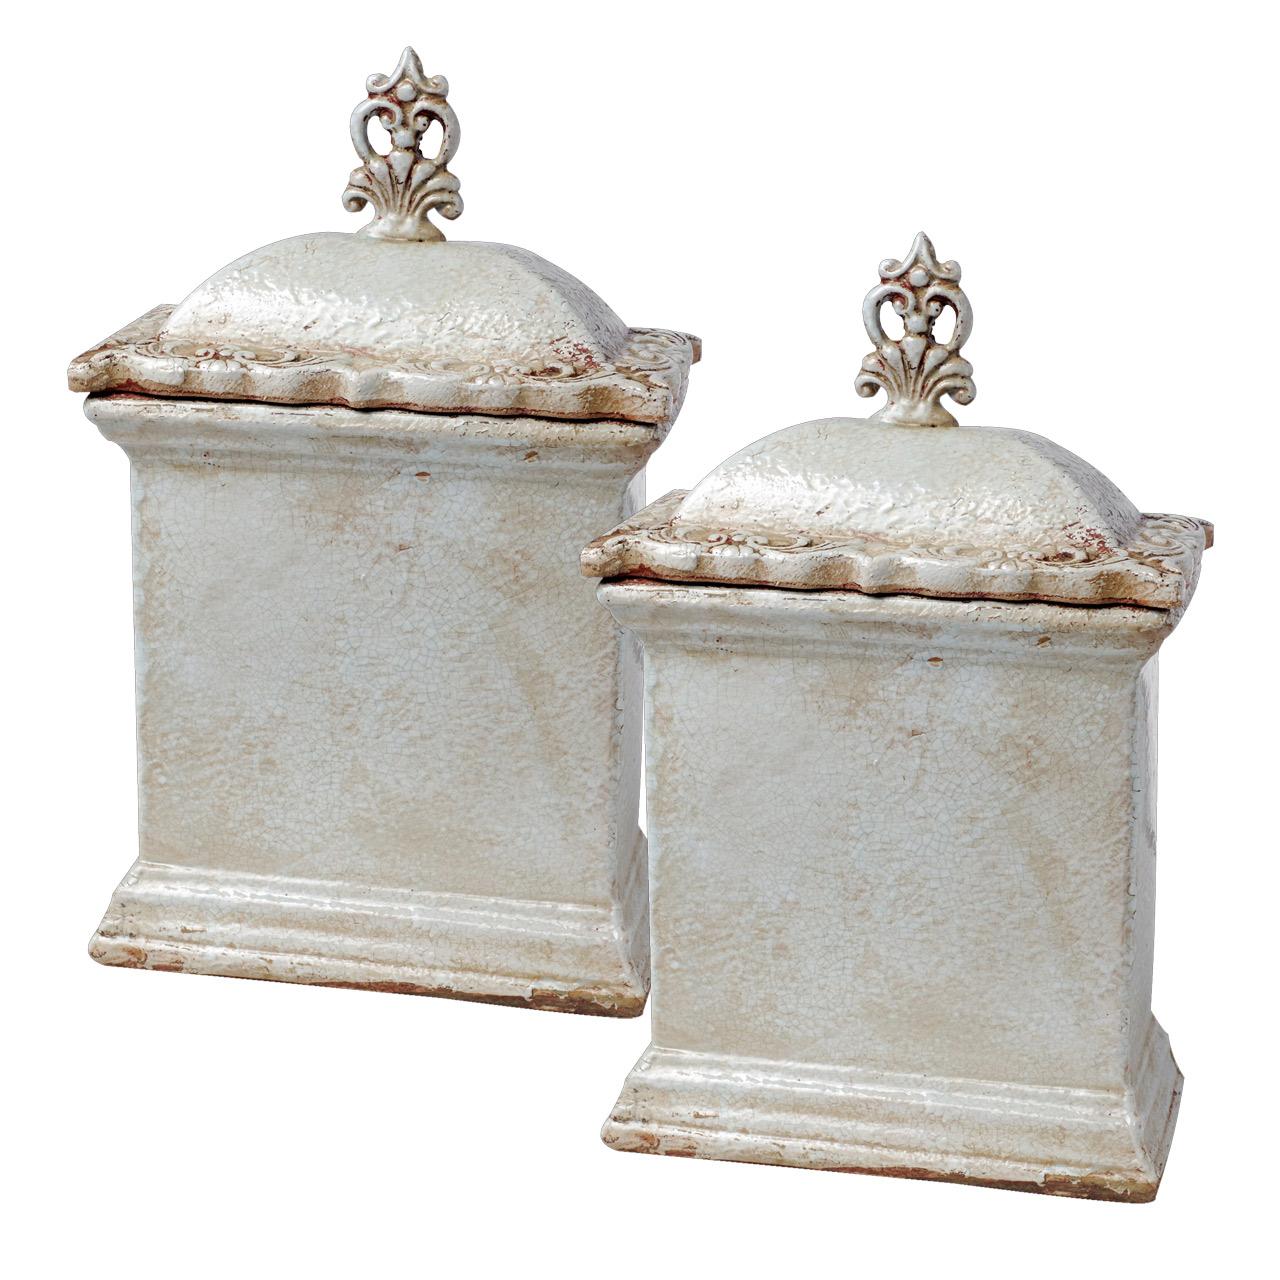 {} ARTEVALUCE Ваза с крышкой Avalona (14х25х43 см - 2 шт) artevaluce ваза с крышкой orlenda цвет зеленый 11х17х51 см